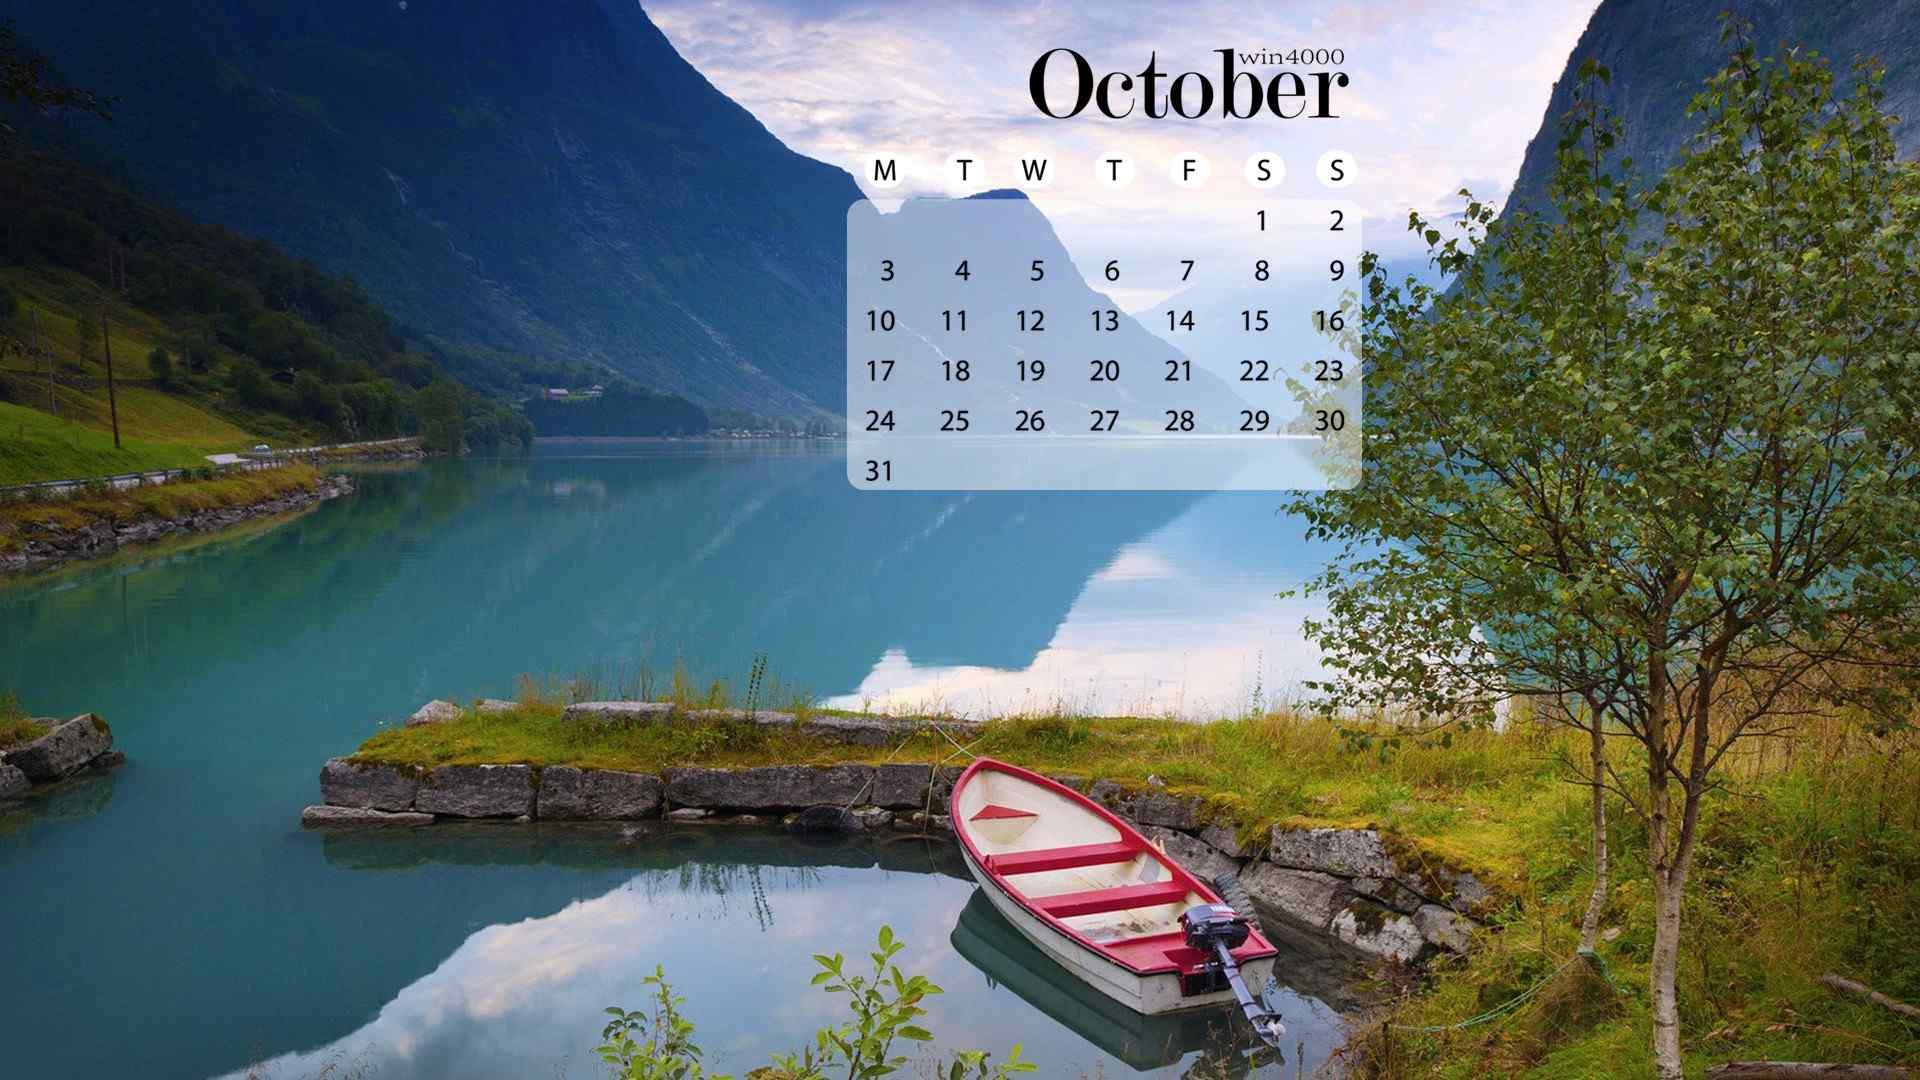 中国各地唯美风景2016年10月日历桌面壁纸图集